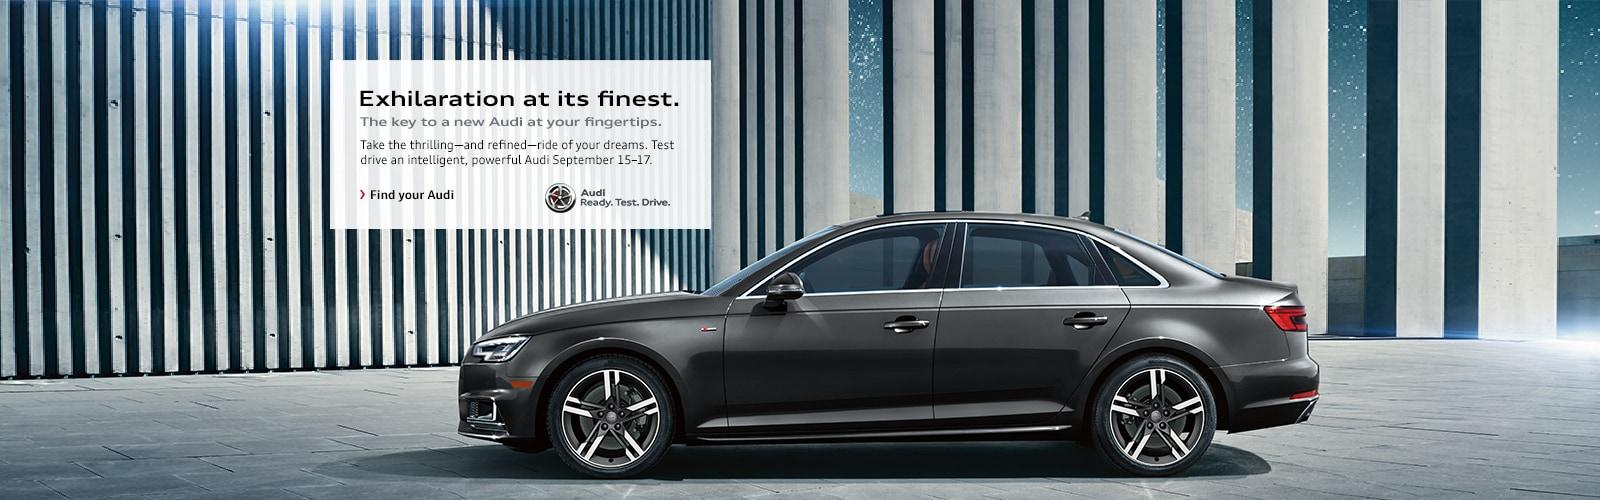 Audi Cincinnati East - Ready Test Drive Event